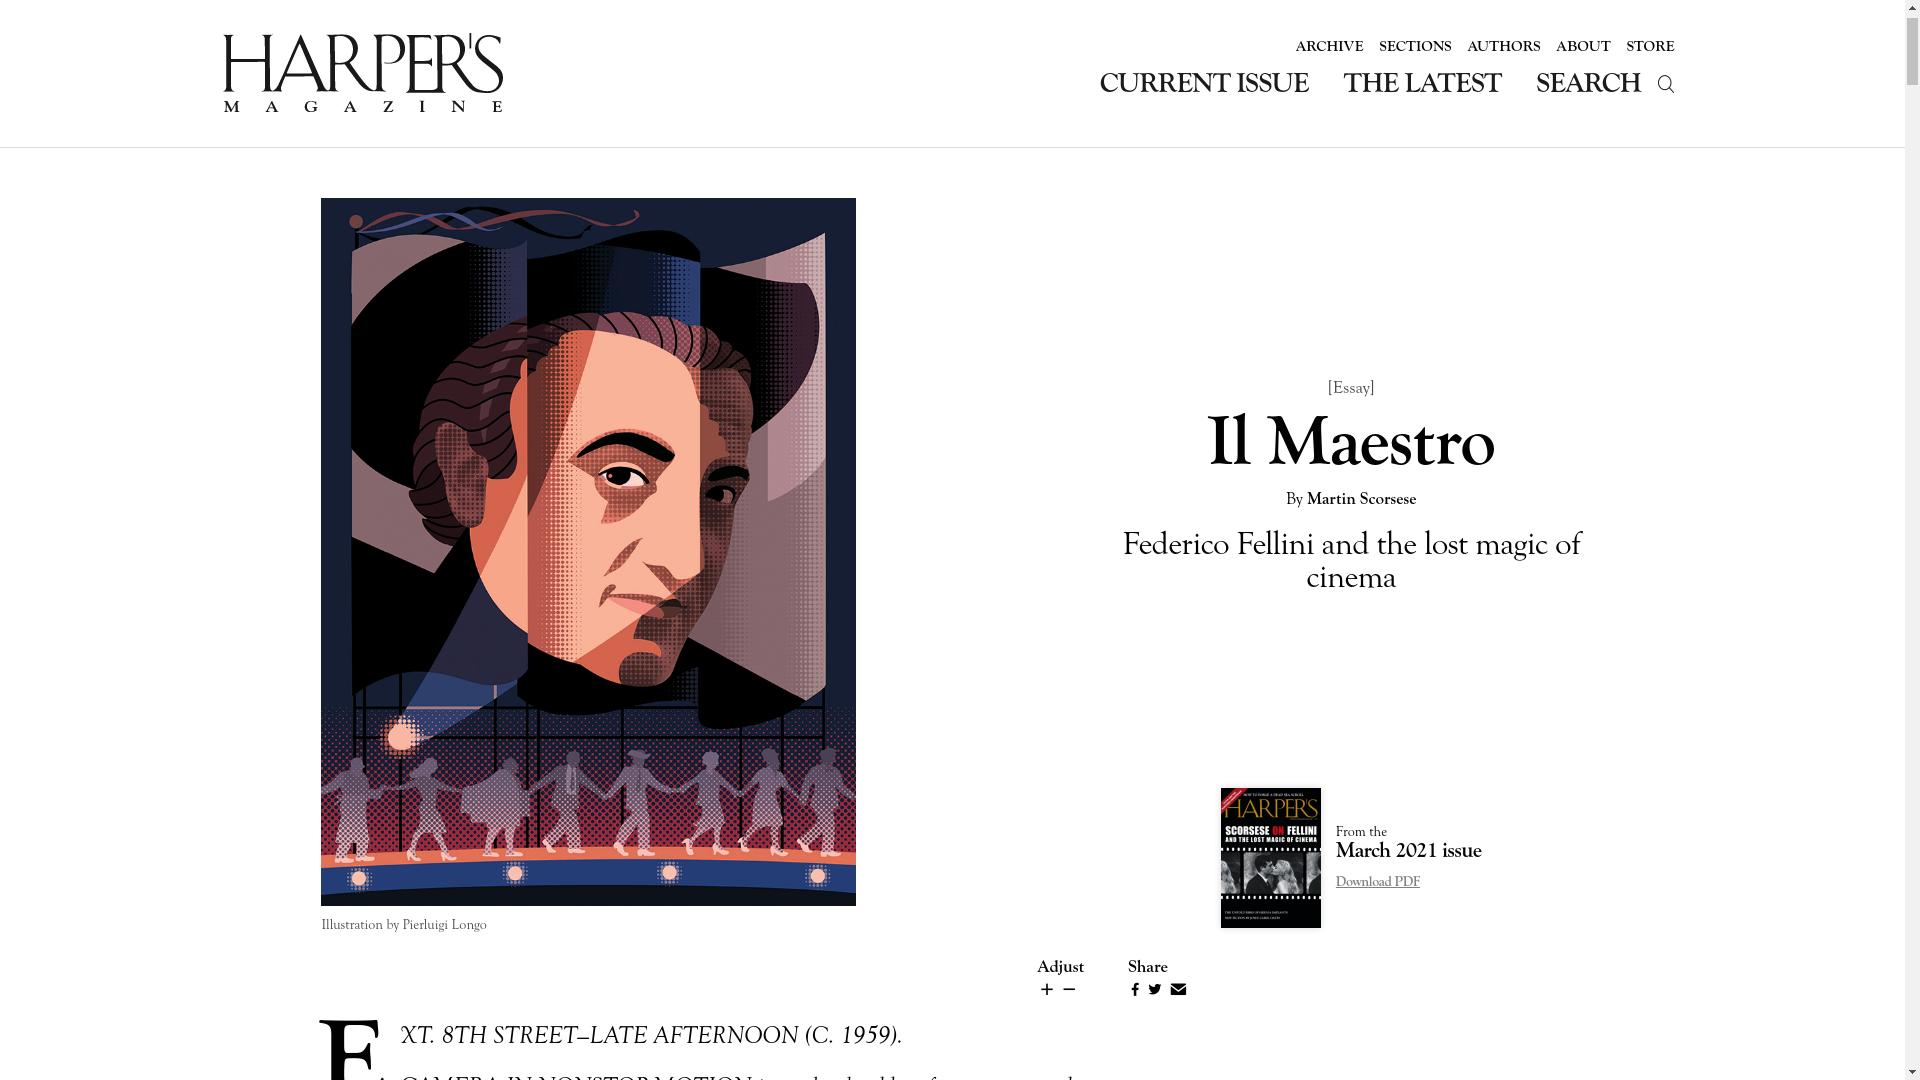 Fairness Rocks News Il Maestro By Martin Scorsese: Federico Fellini and the lost magic of cinema